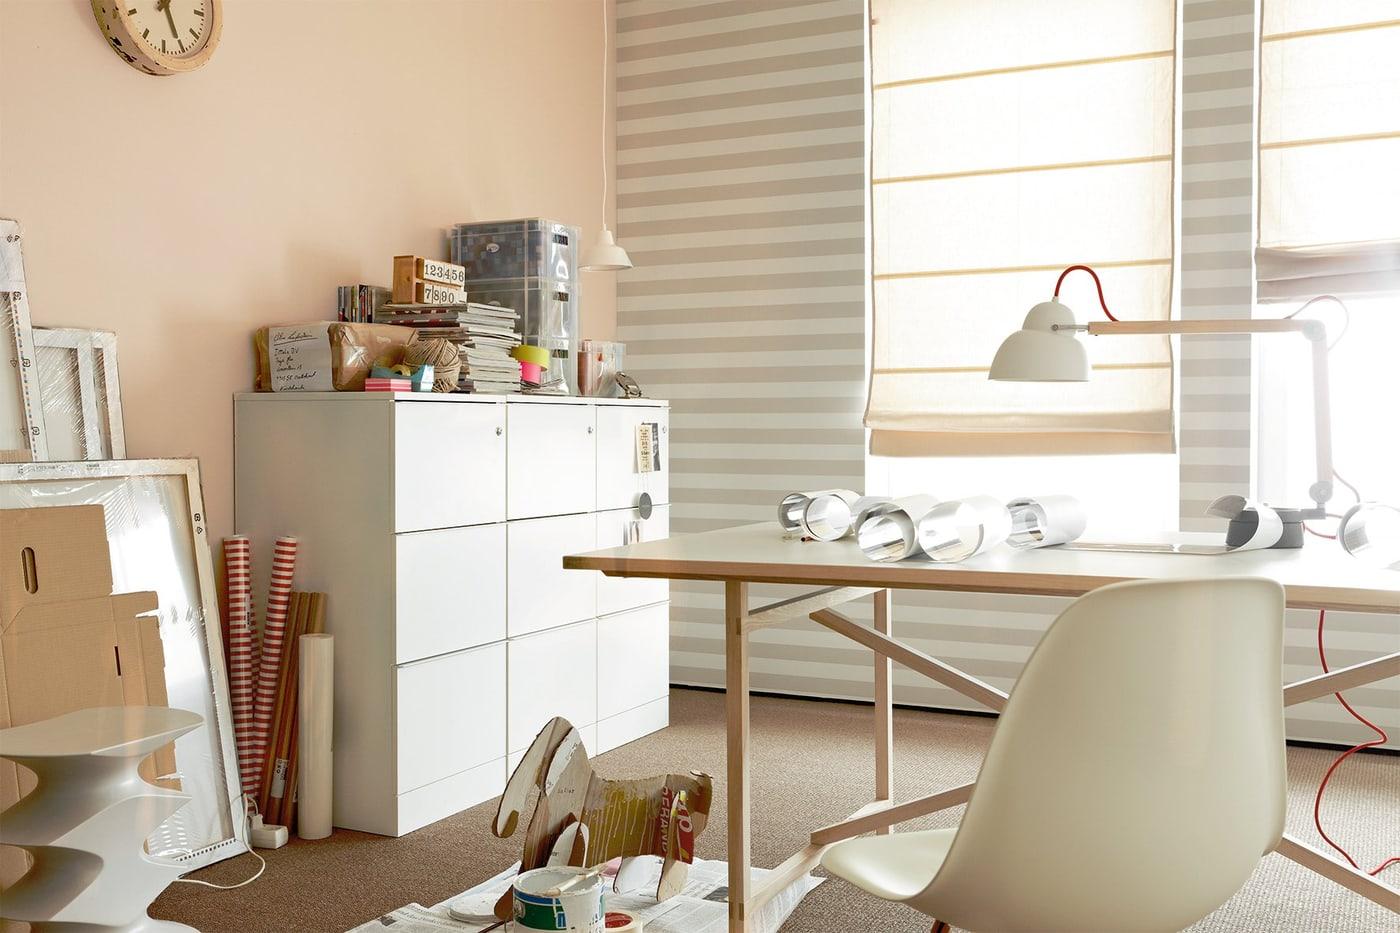 sch ner wohnen trend wandfarbe matt 1 ltr sand migros. Black Bedroom Furniture Sets. Home Design Ideas